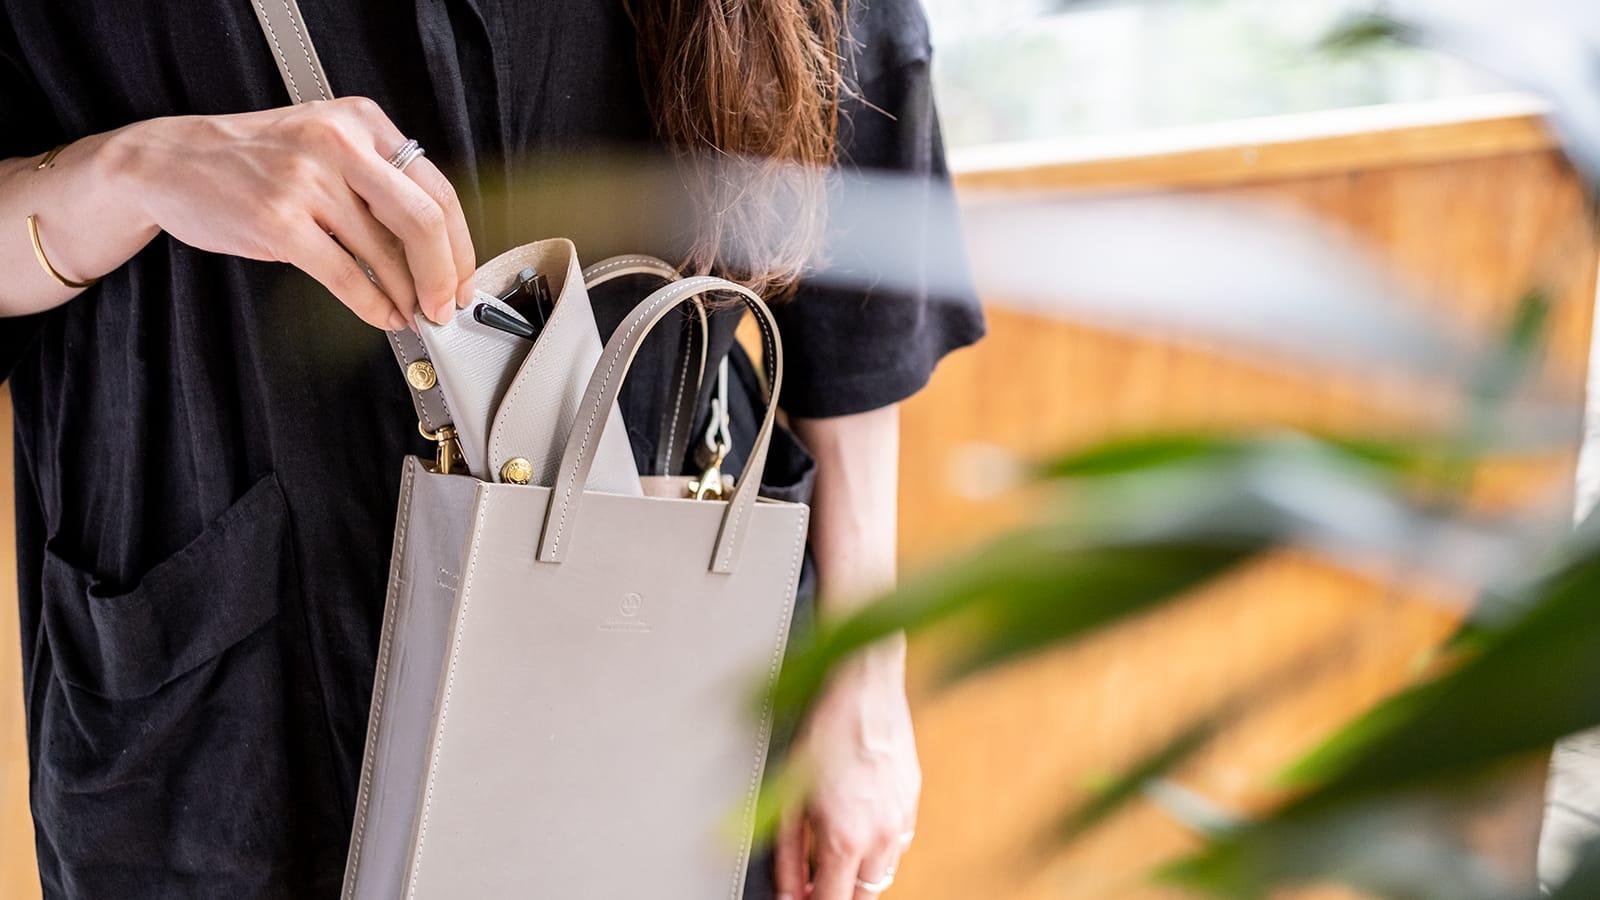 グレンロイヤルのグレイスコレクション ミニマムなサイズ感と機能性で、すっきり軽快に。A5レザートートバッグ